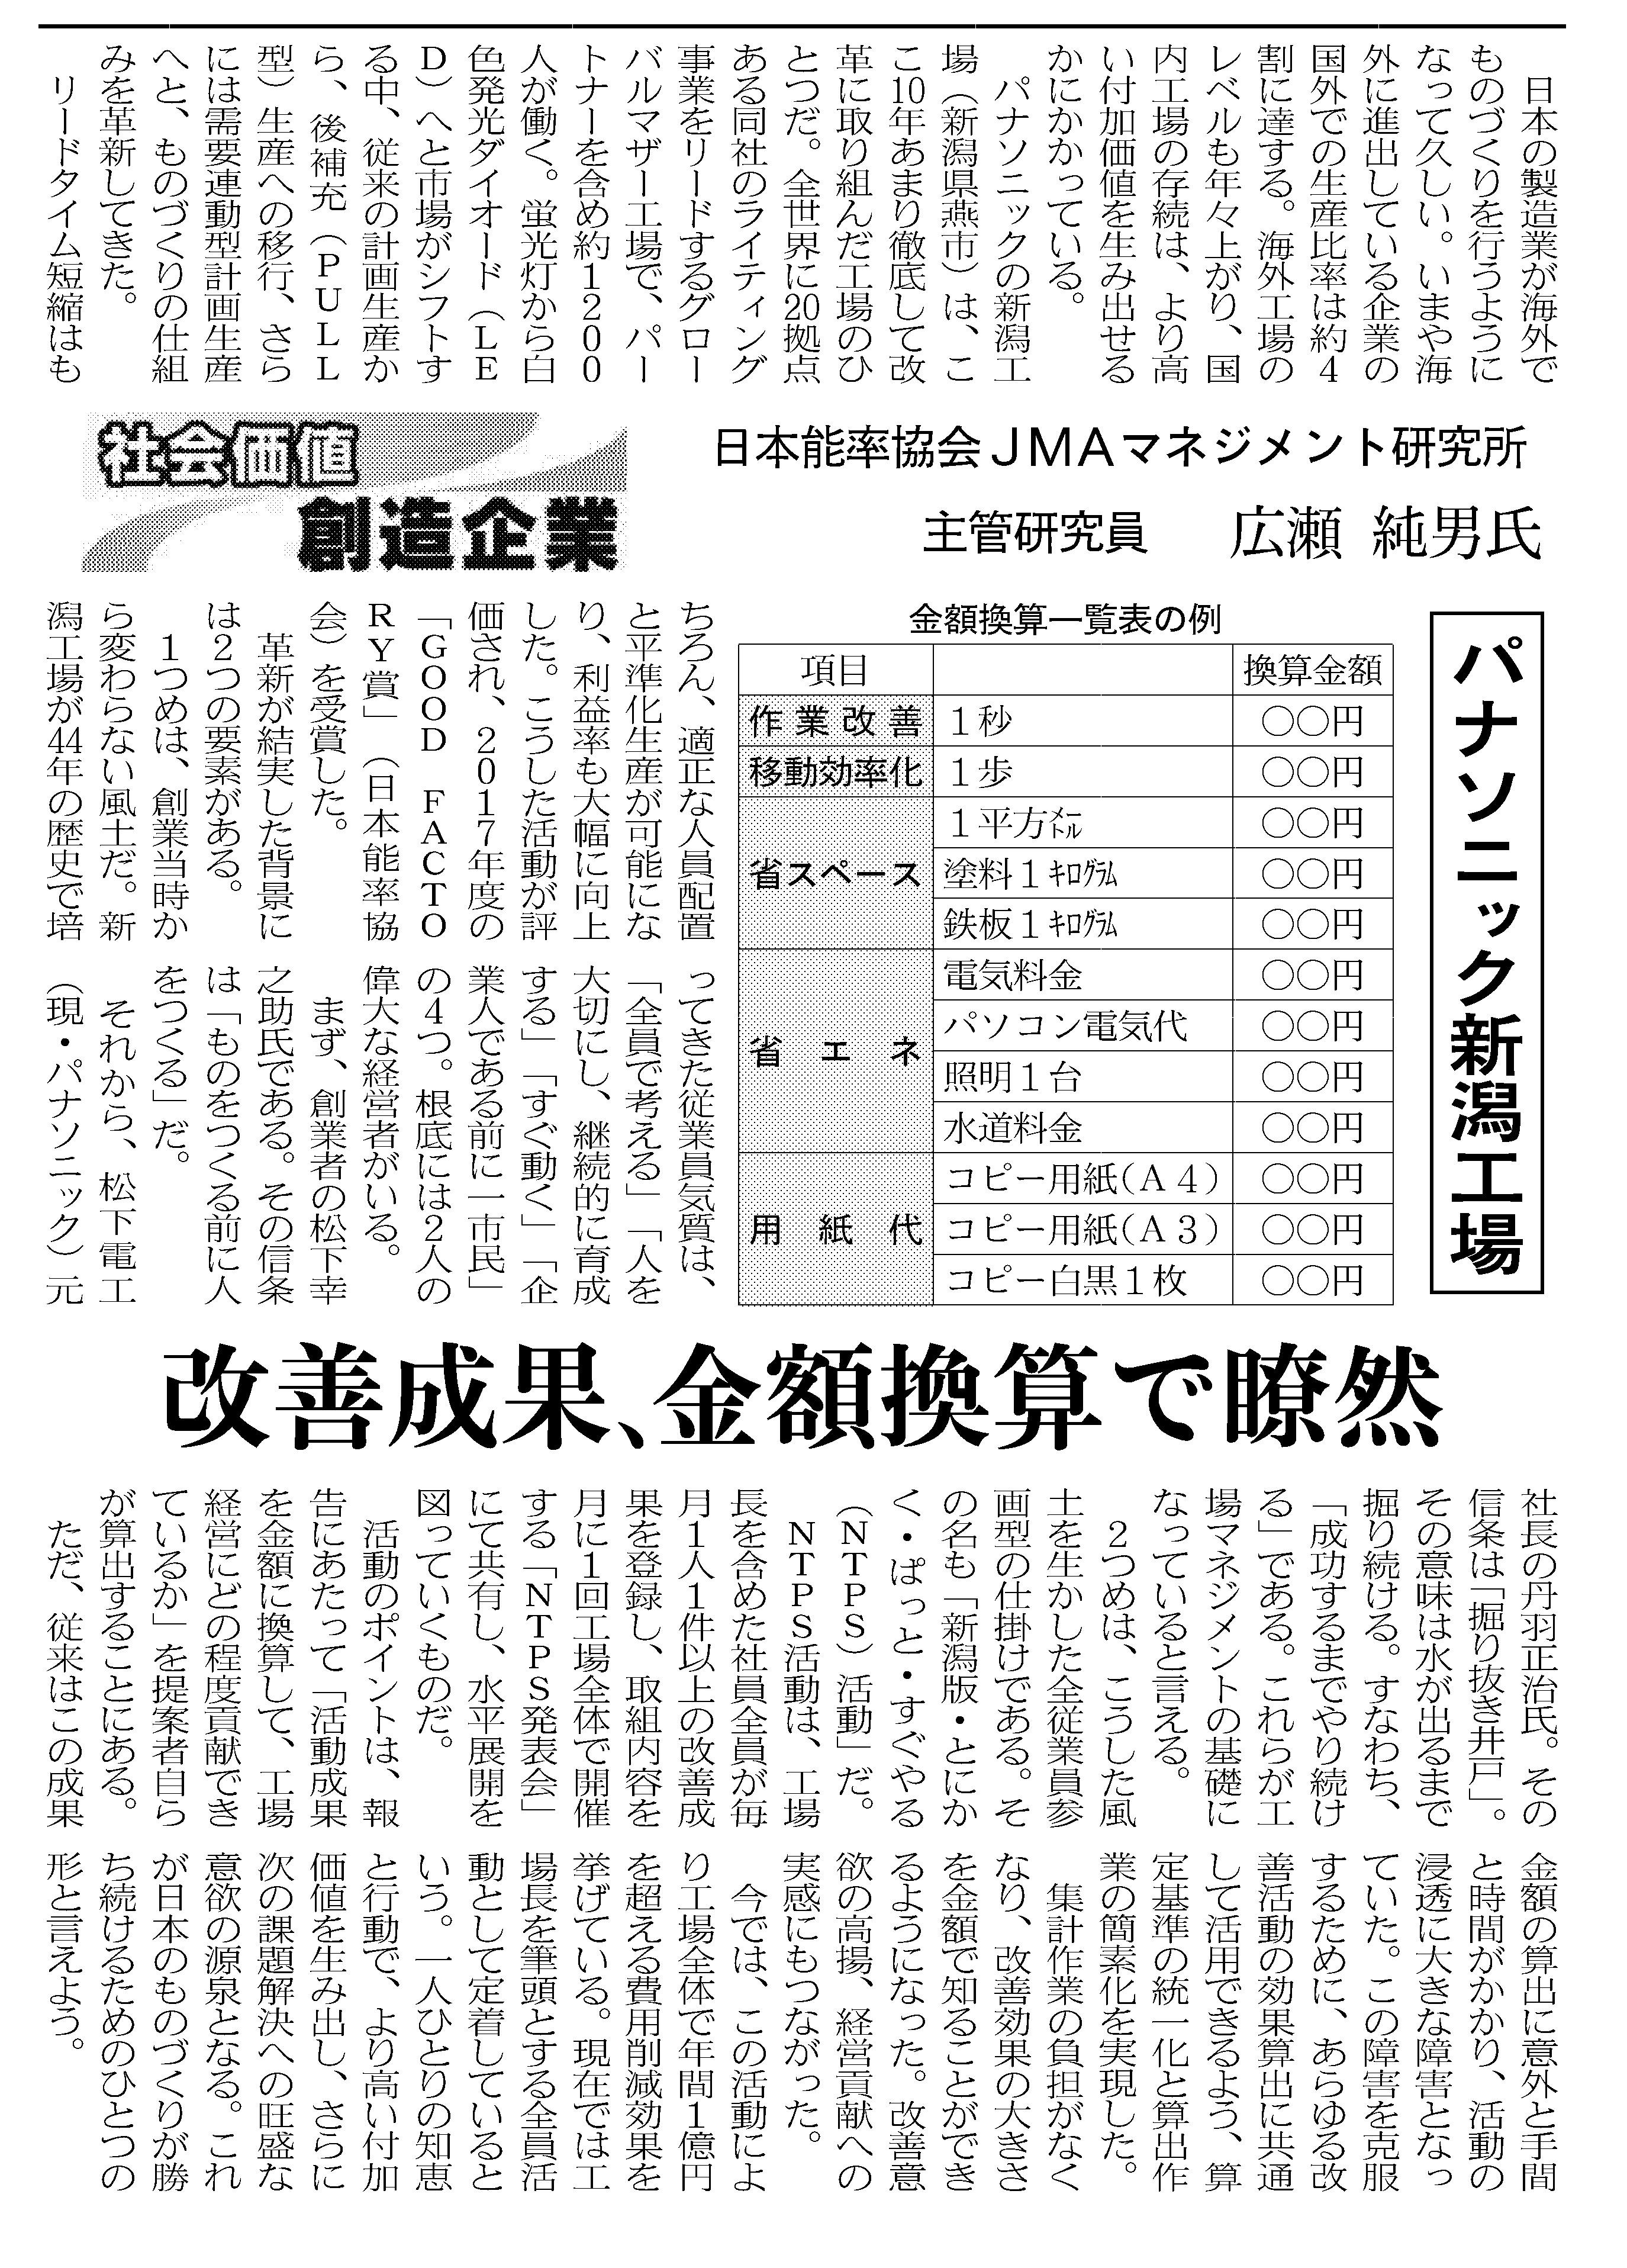 システムズ jma